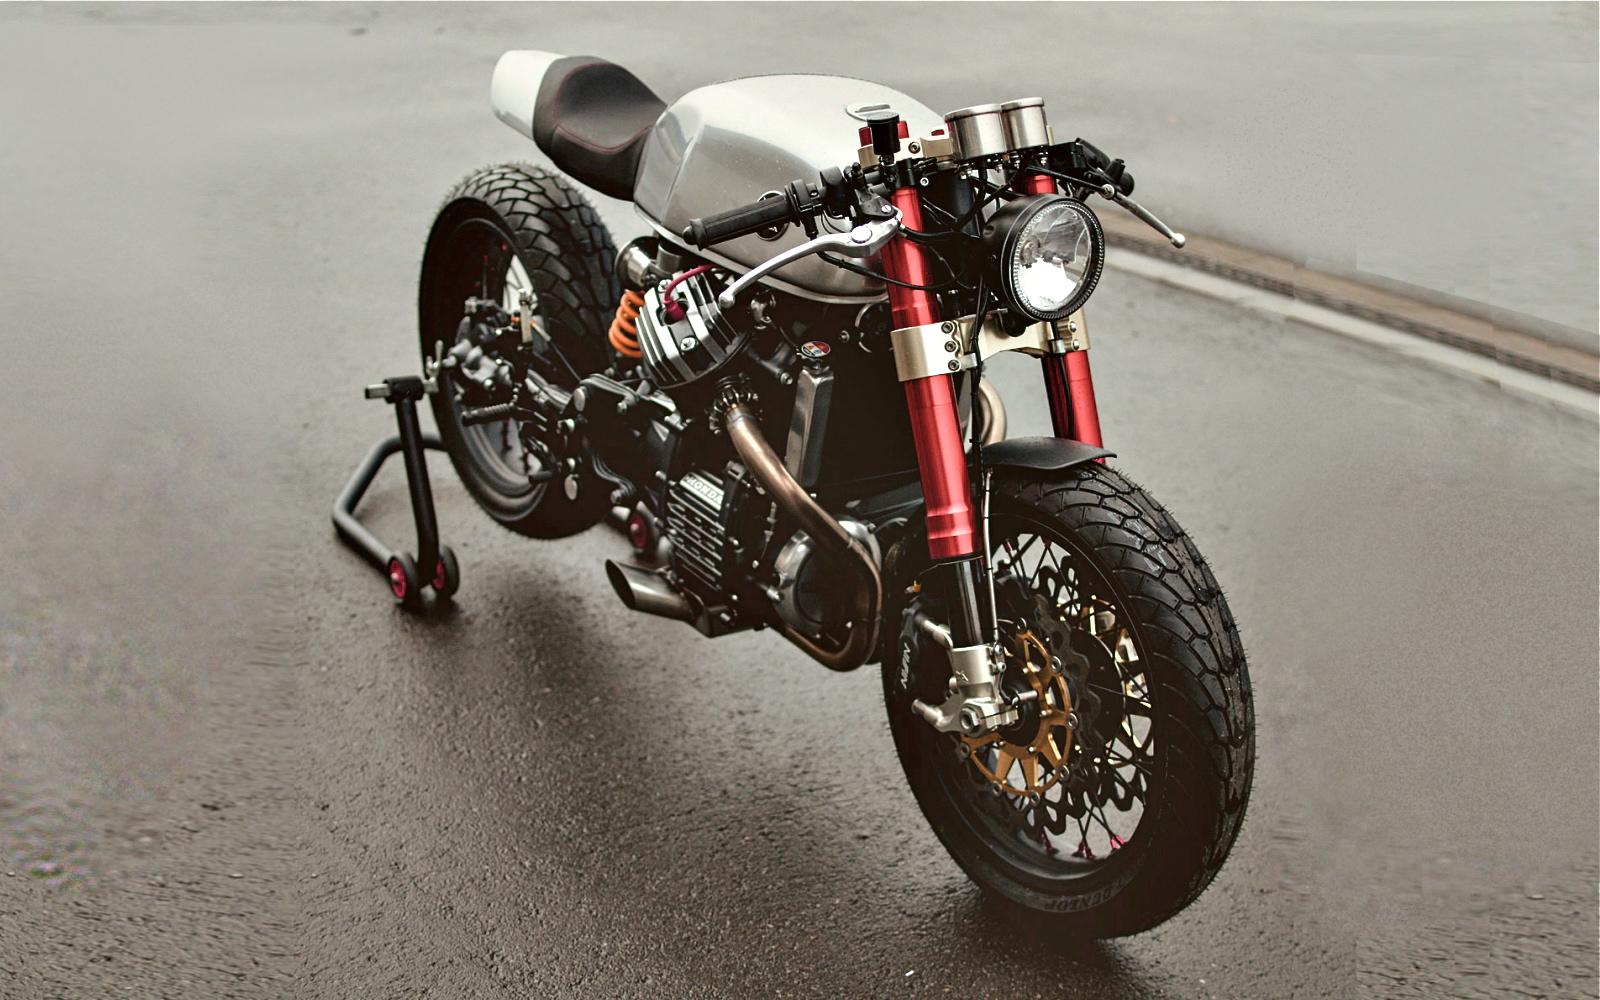 cx500sacha lakic & george's garage   inazuma café racer